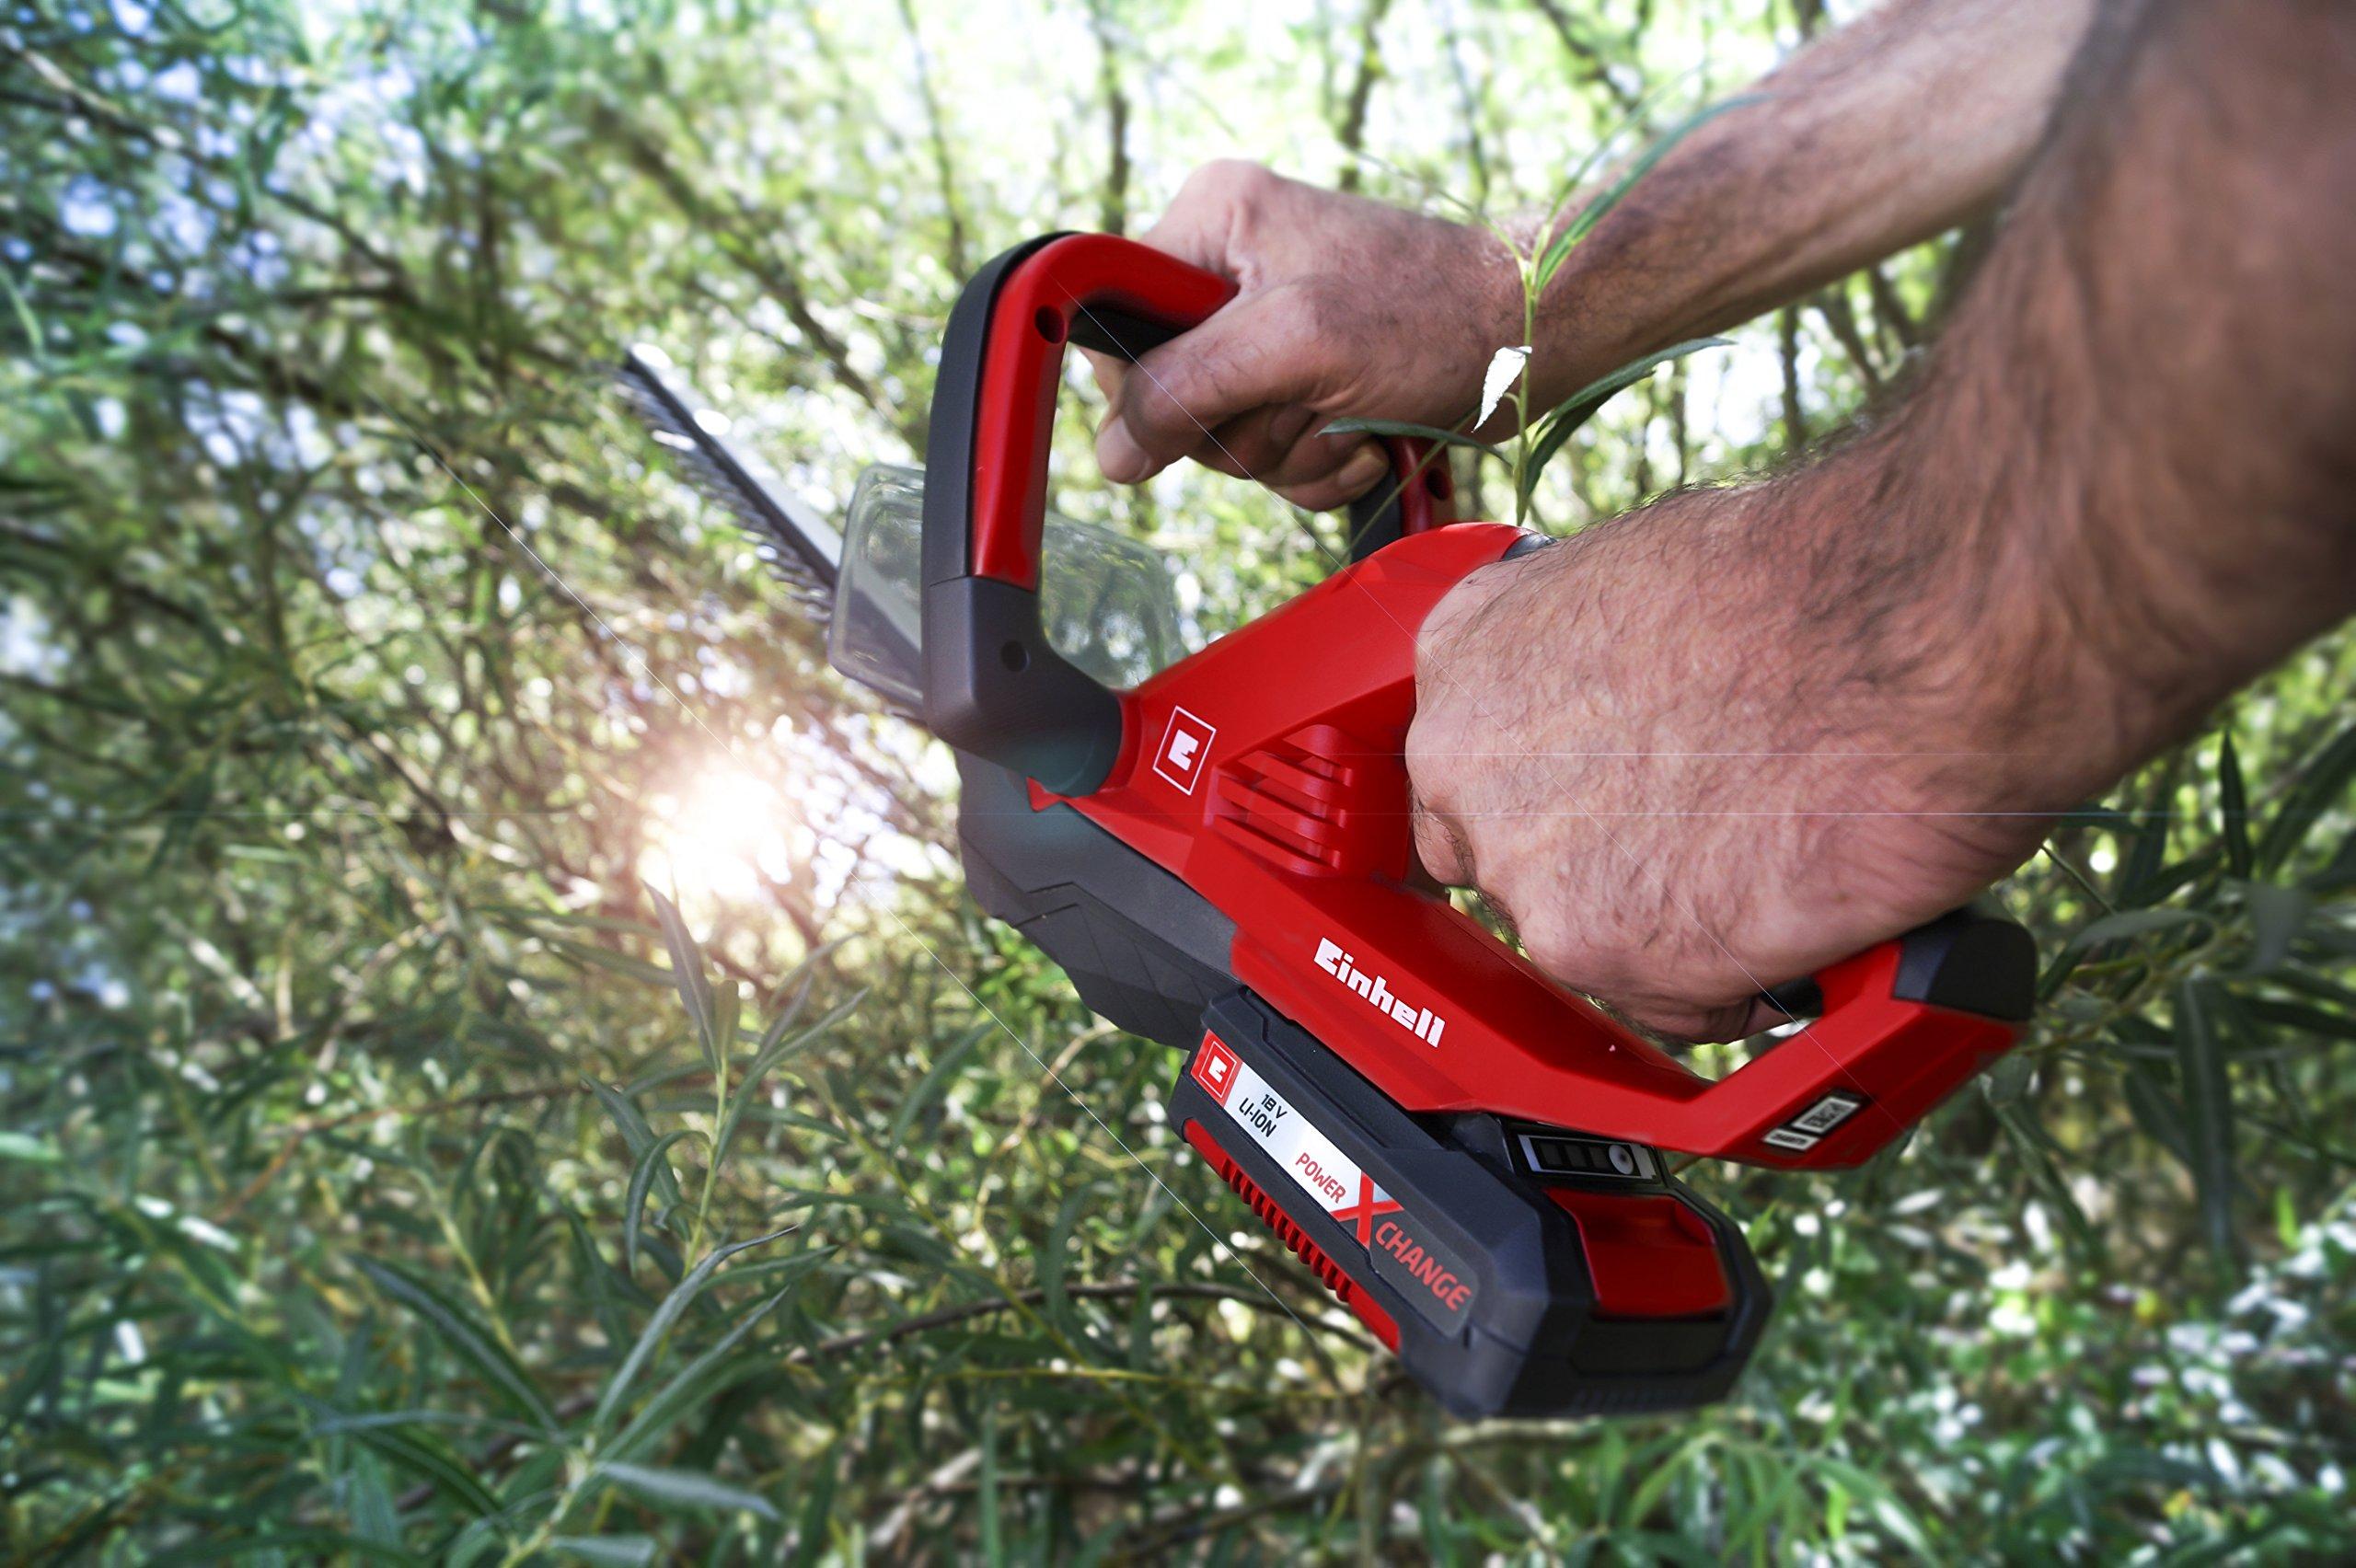 GE-CH 1846LI Power-X-Change Cordless Hedge Trimmer 18 Volt Bare Unit